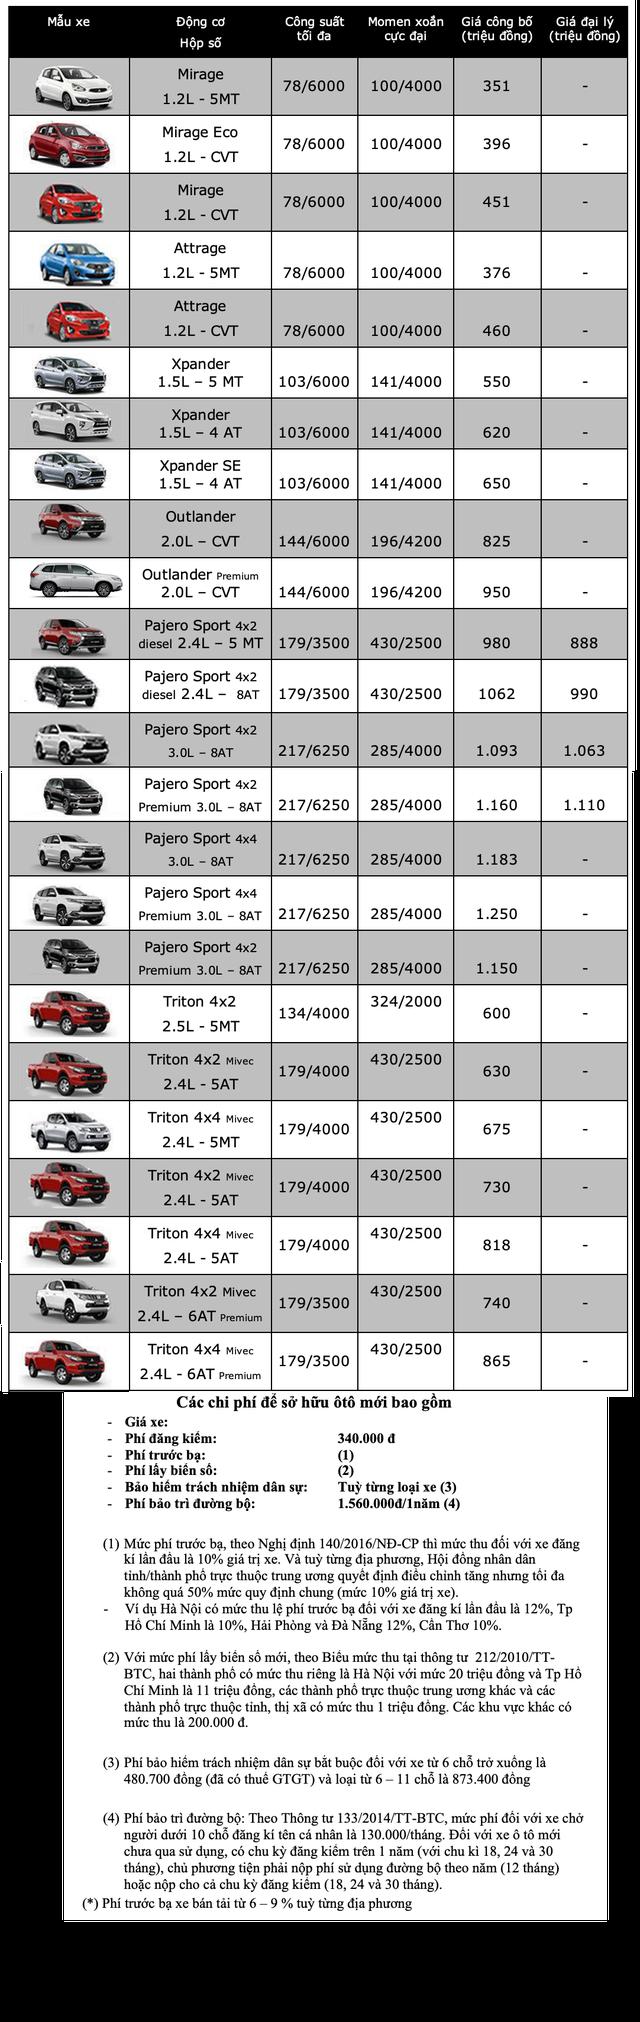 Bảng giá Mitsubishi tháng 6/2020 - 1